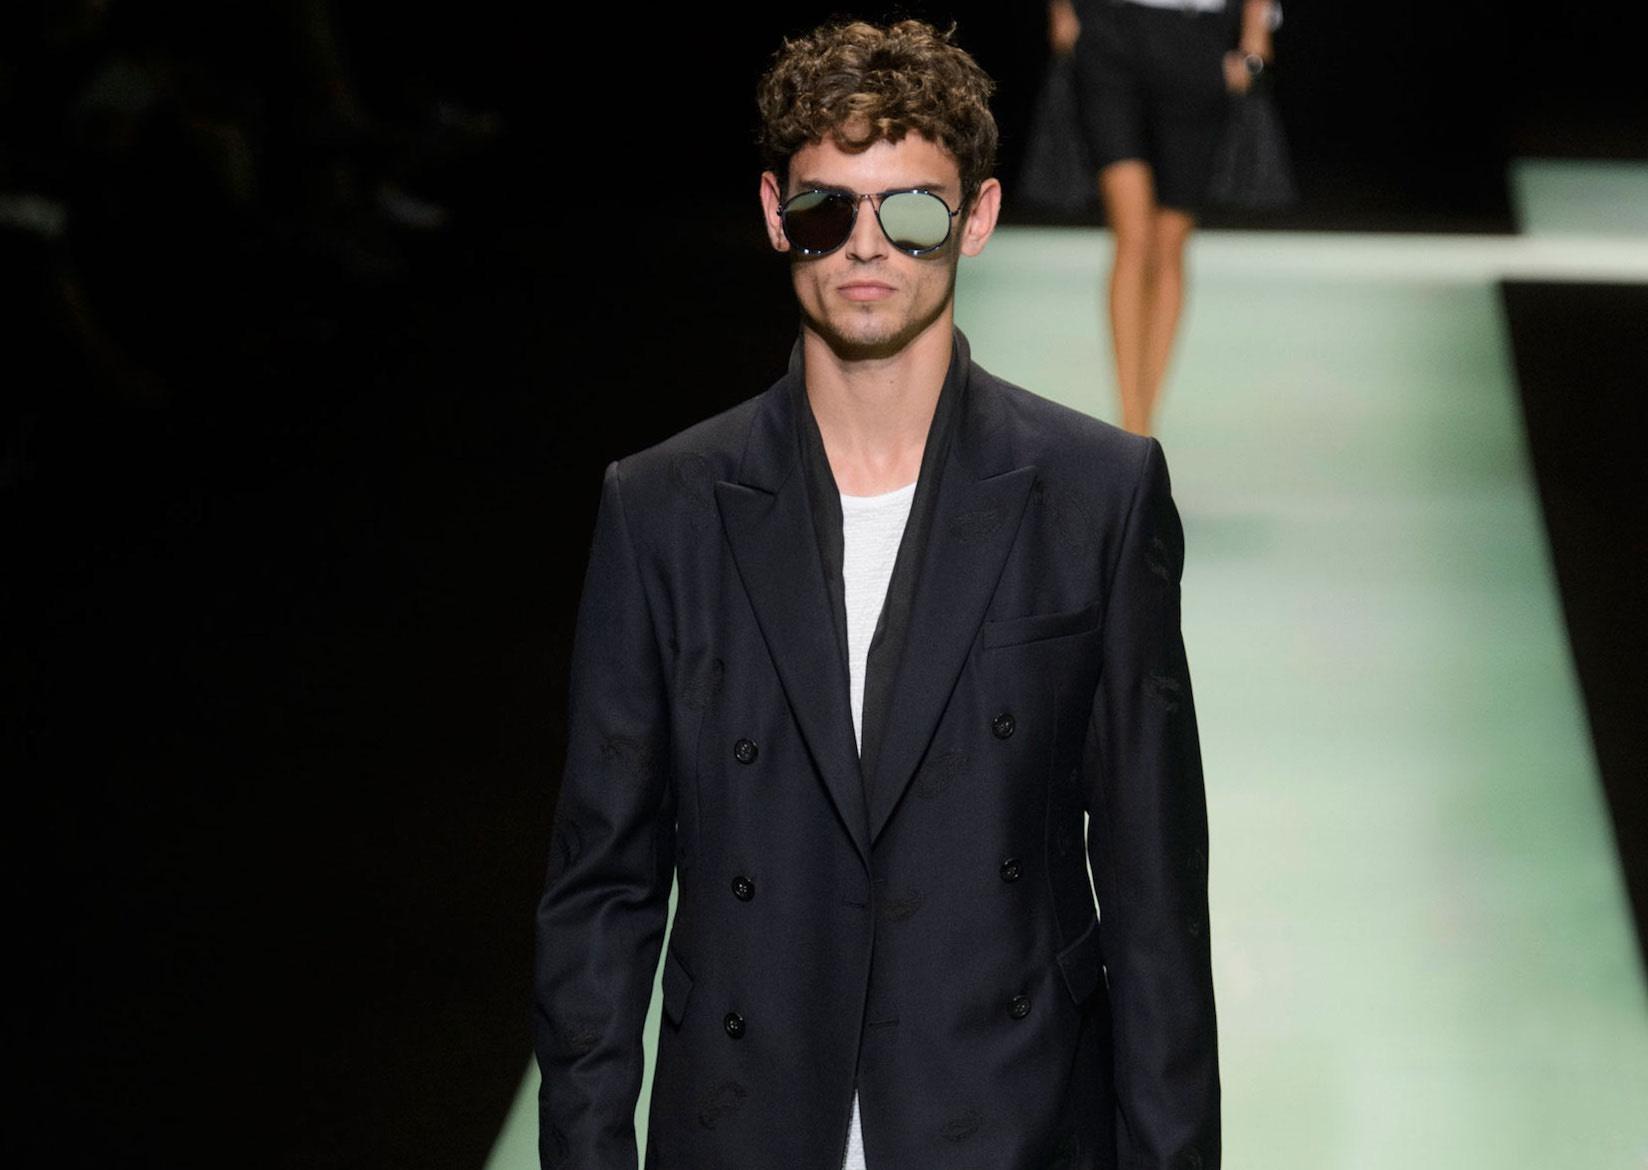 Giacca Matrimonio Uomo : Modi per essere eleganti senza camicia e cravatta